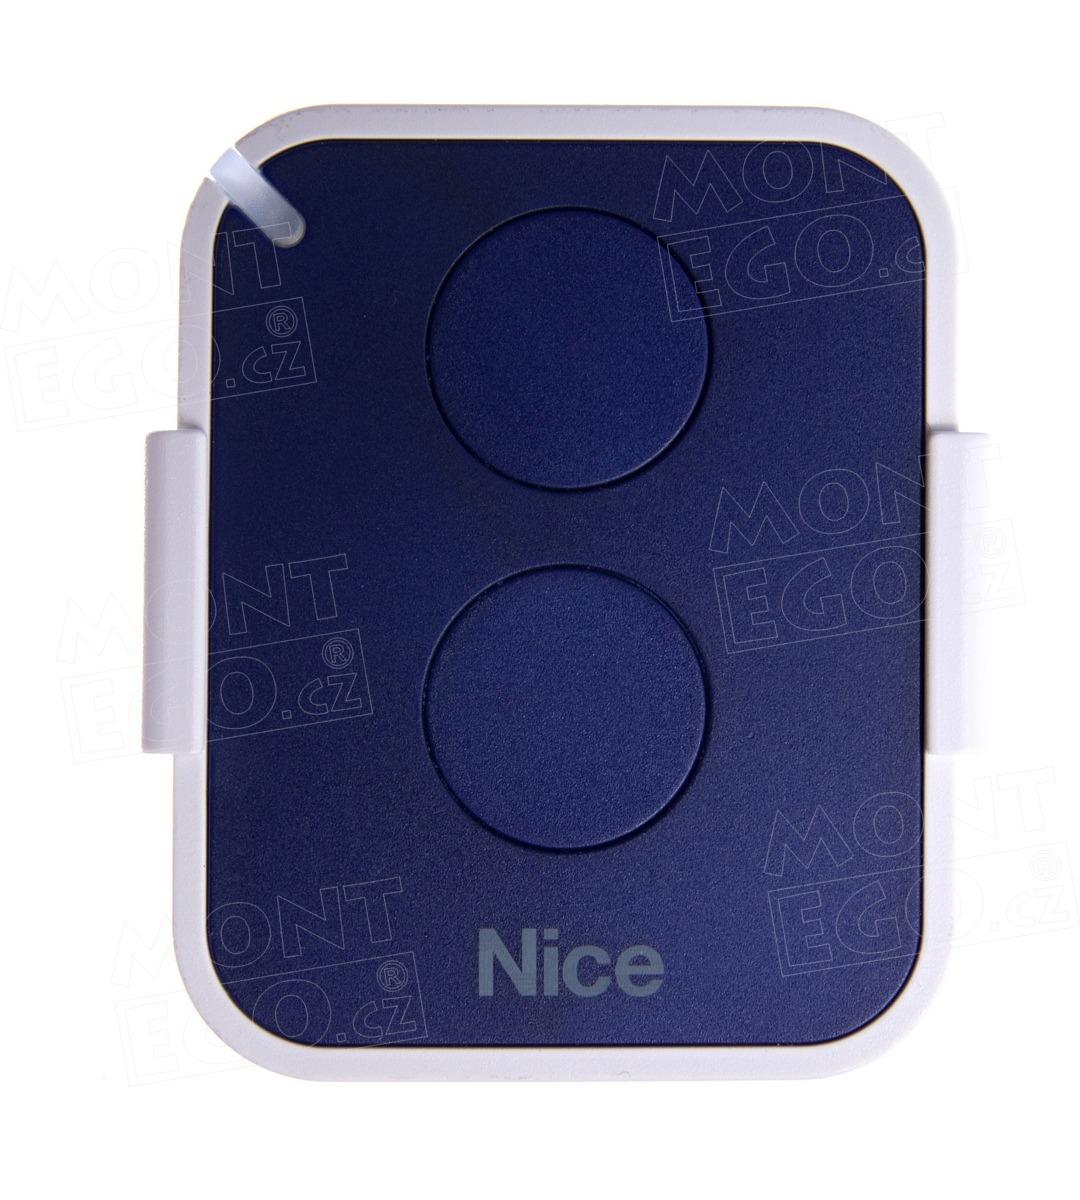 Nice ON2EFM 2 kanál. dálkový ovladač pohonů Nice pro místa s rušením signálu, 868,46 MHz